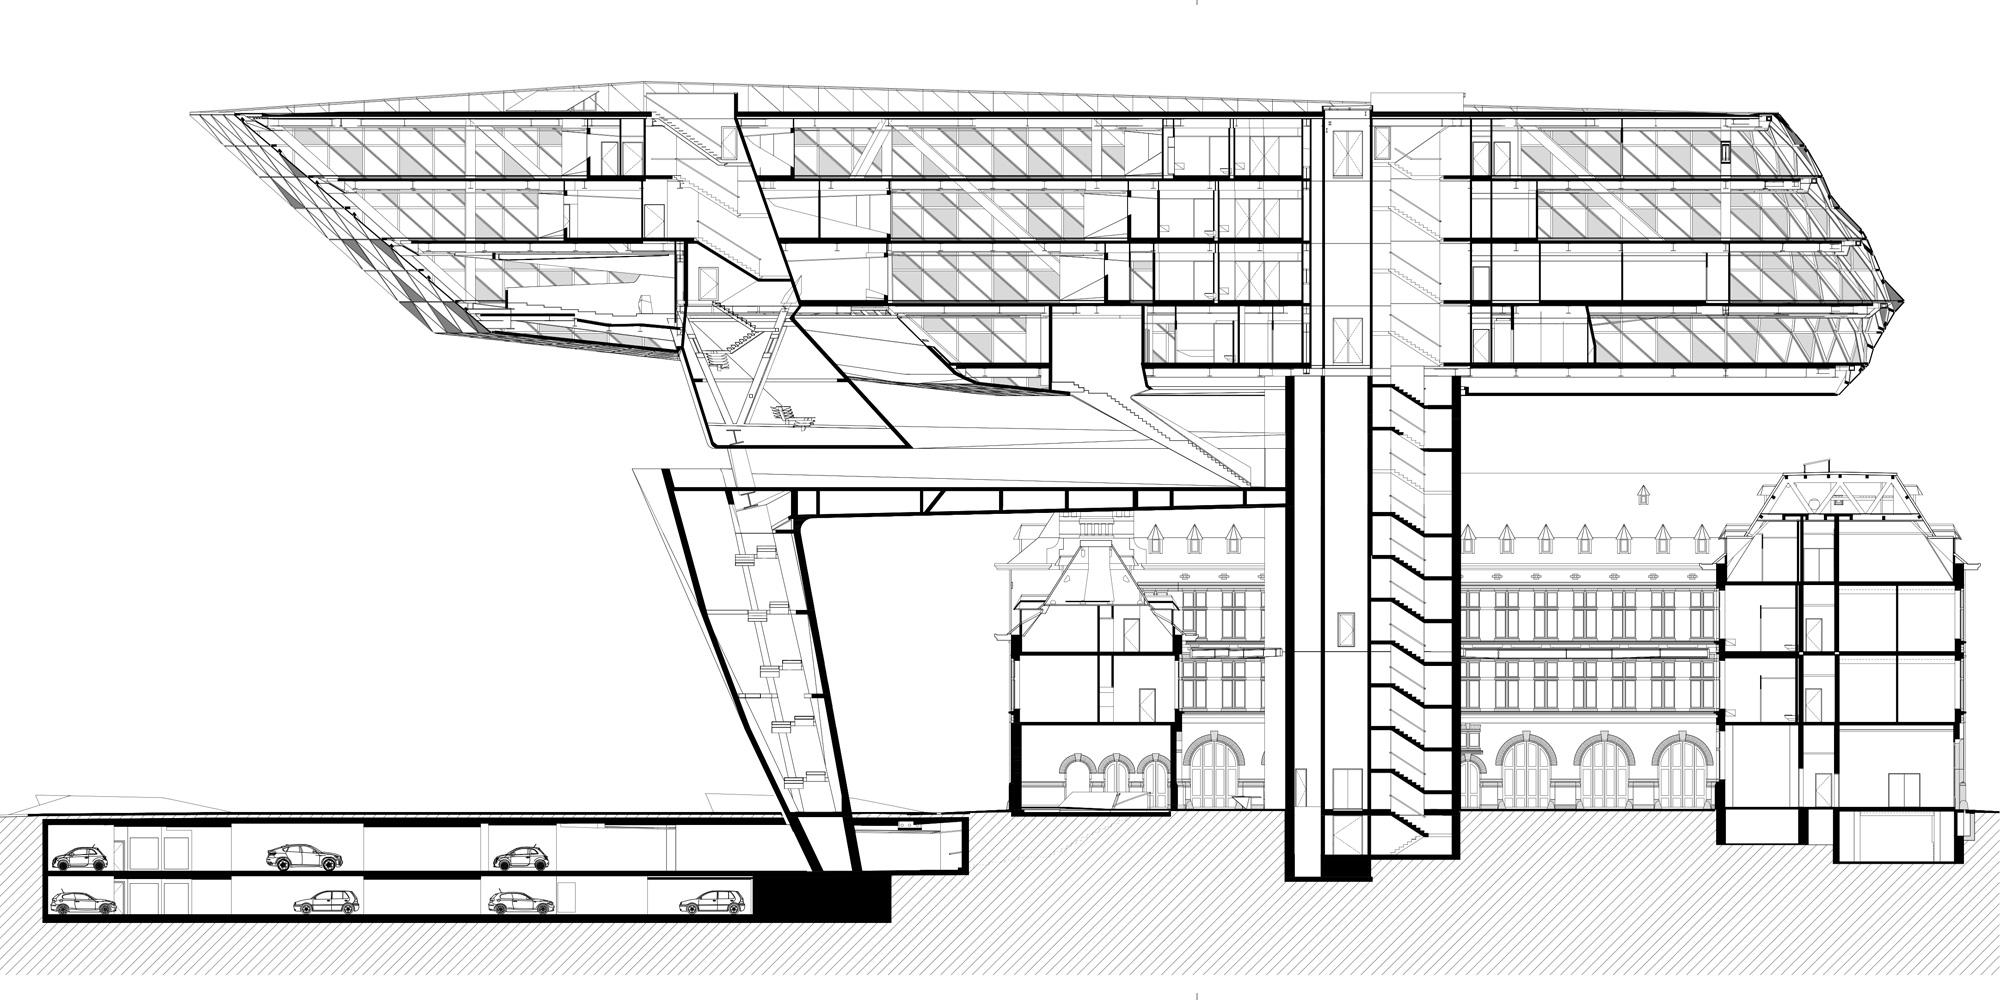 sezione longitudinale © Zaha Hadid Architects